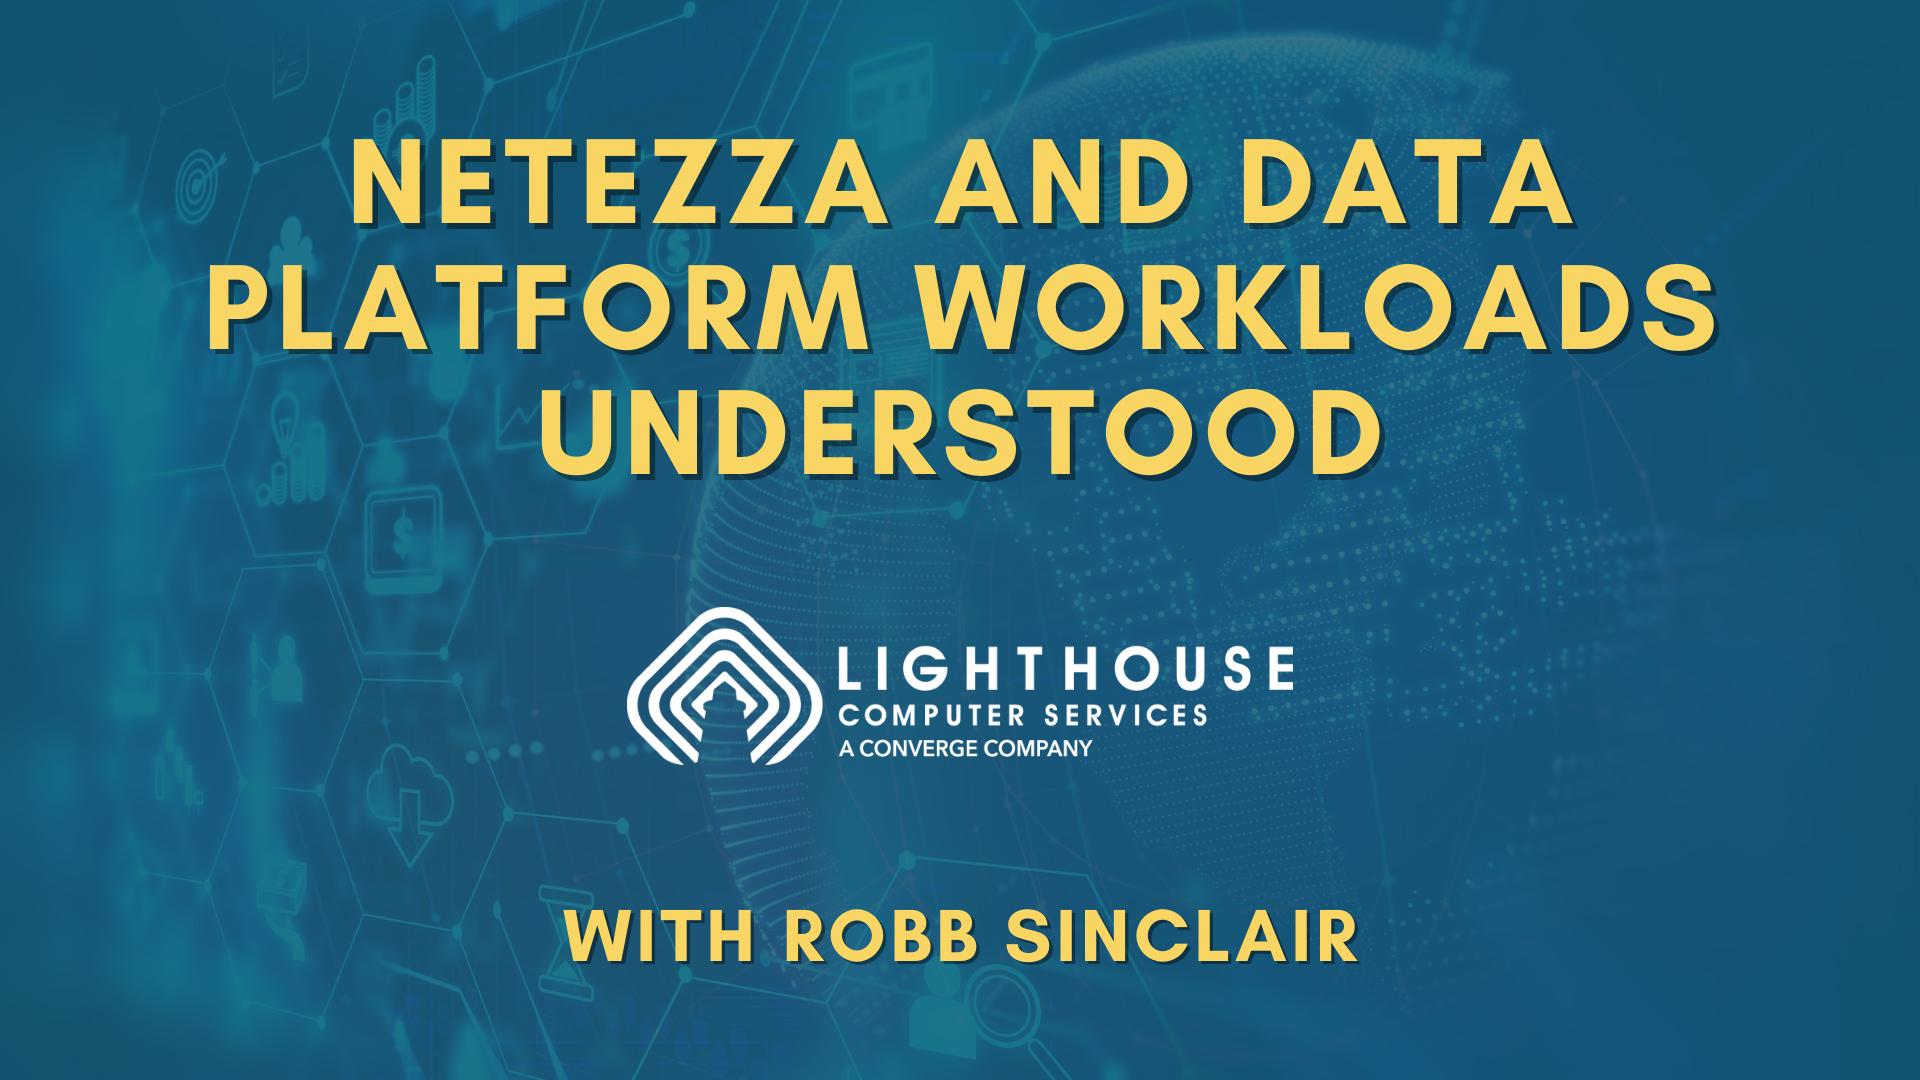 Netezza and Data Platform workloads understood